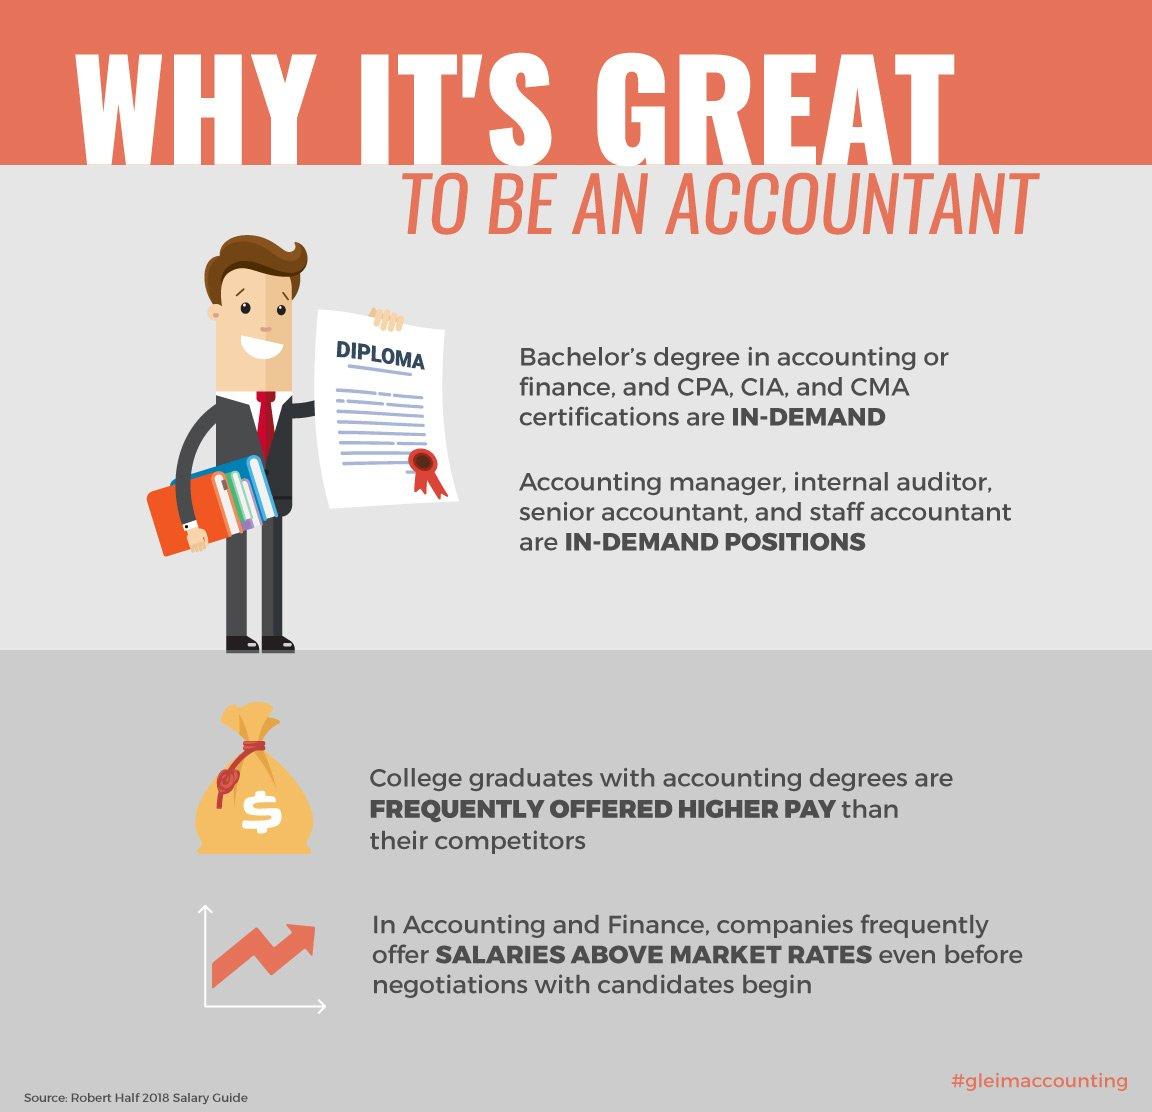 Gleim Accounting on Twitter: